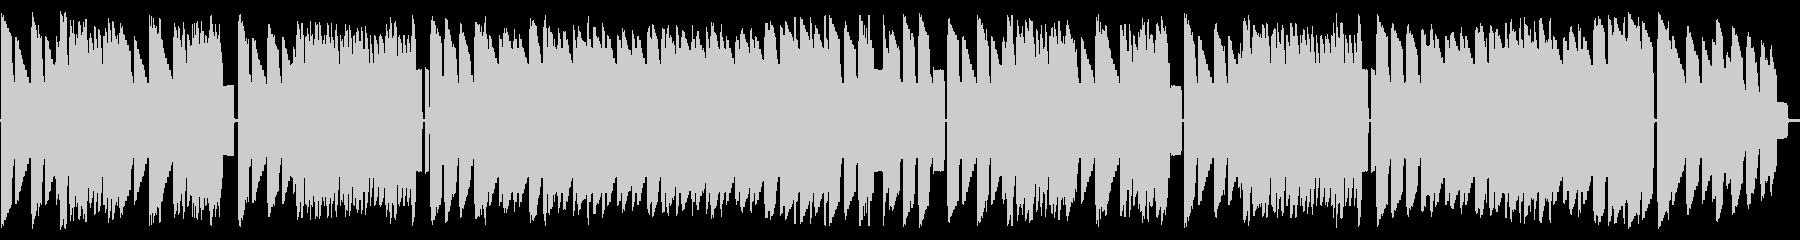 初期ファミコン風ジャジーなループBGMの未再生の波形